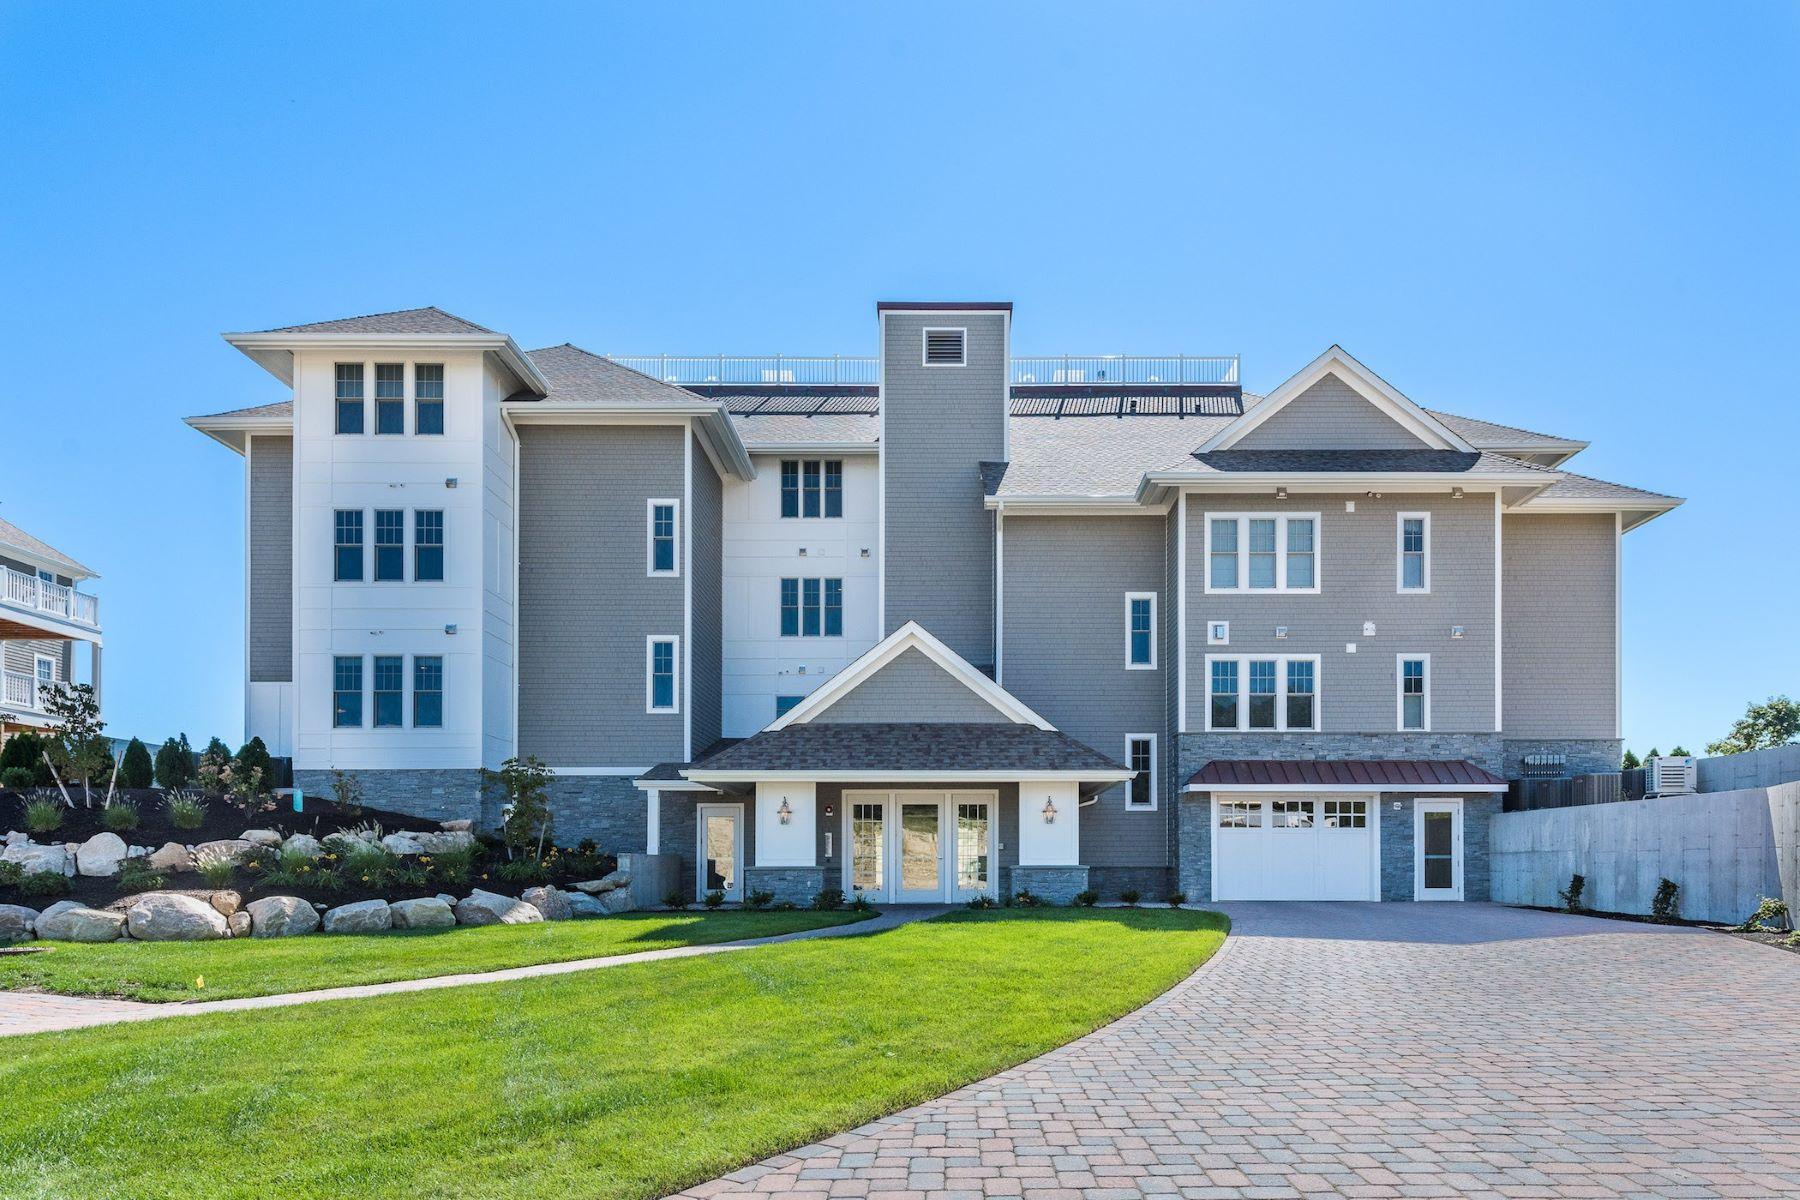 共管式独立产权公寓 为 销售 在 7 Compass Wy D201, #D201, Westerly, RI 7 Compass Wy D201 D201, 韦斯特利, 罗得岛, 02891 美国